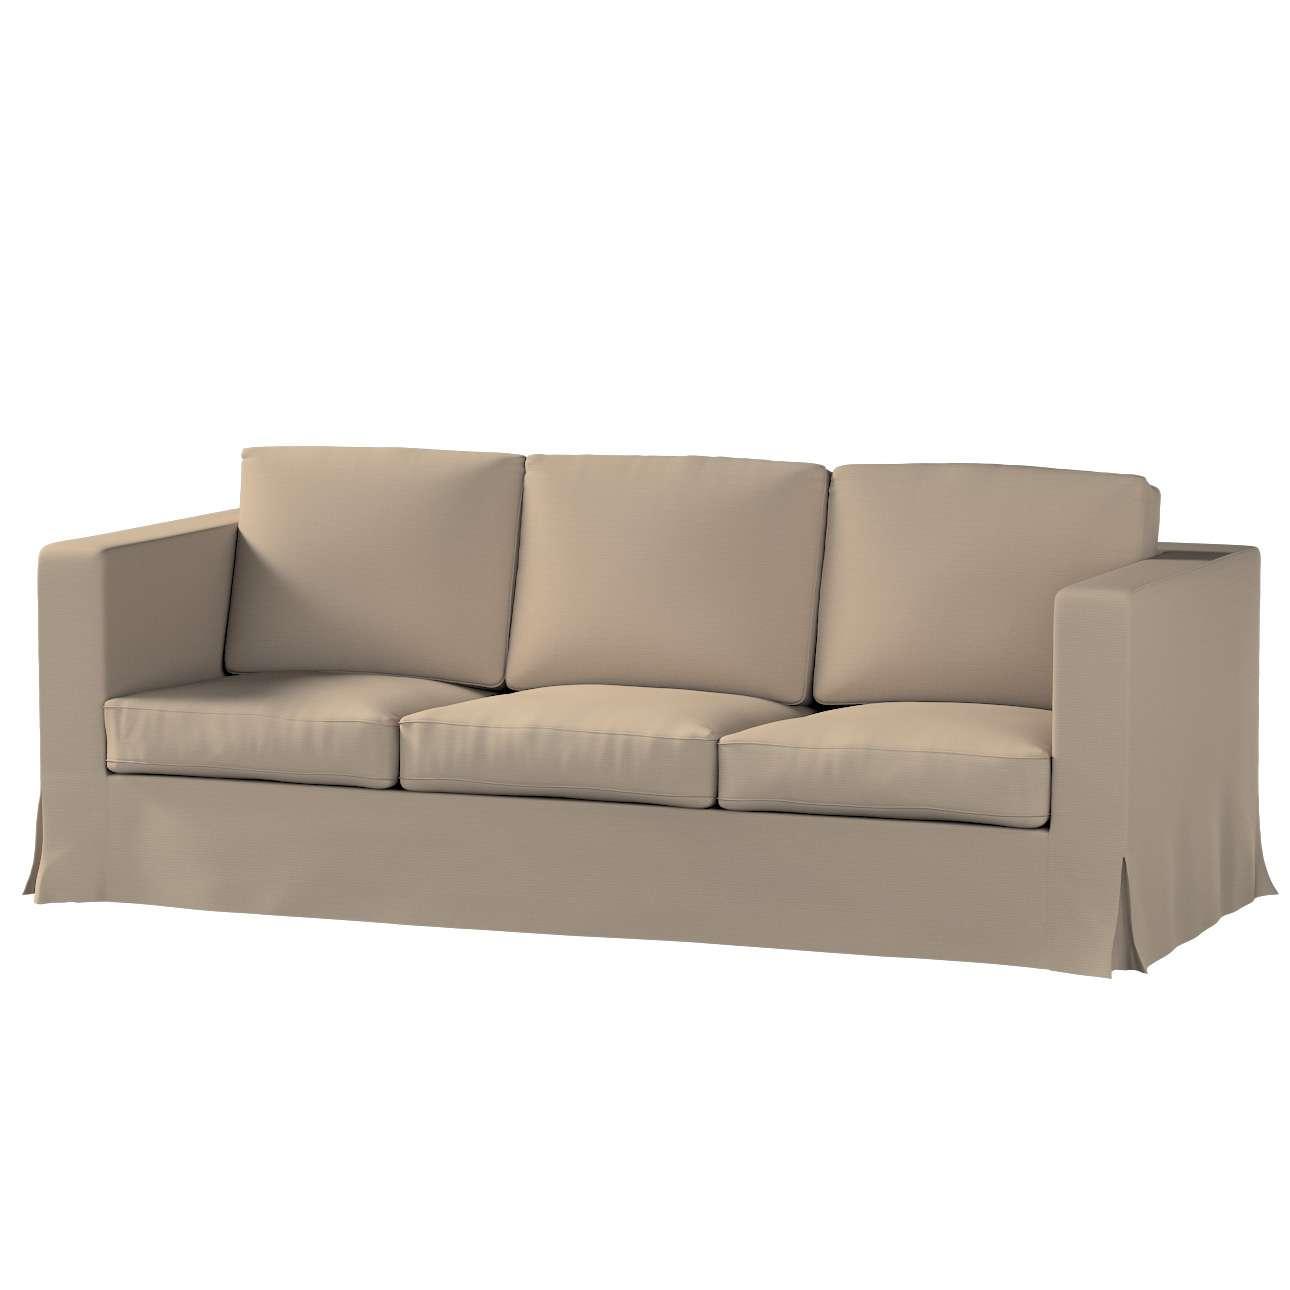 KARLANDA trivietės sofos iki žemės užvalkalas KARLANDA trivietės sofos iki žemės užvalkalas kolekcijoje Cotton Panama, audinys: 702-28